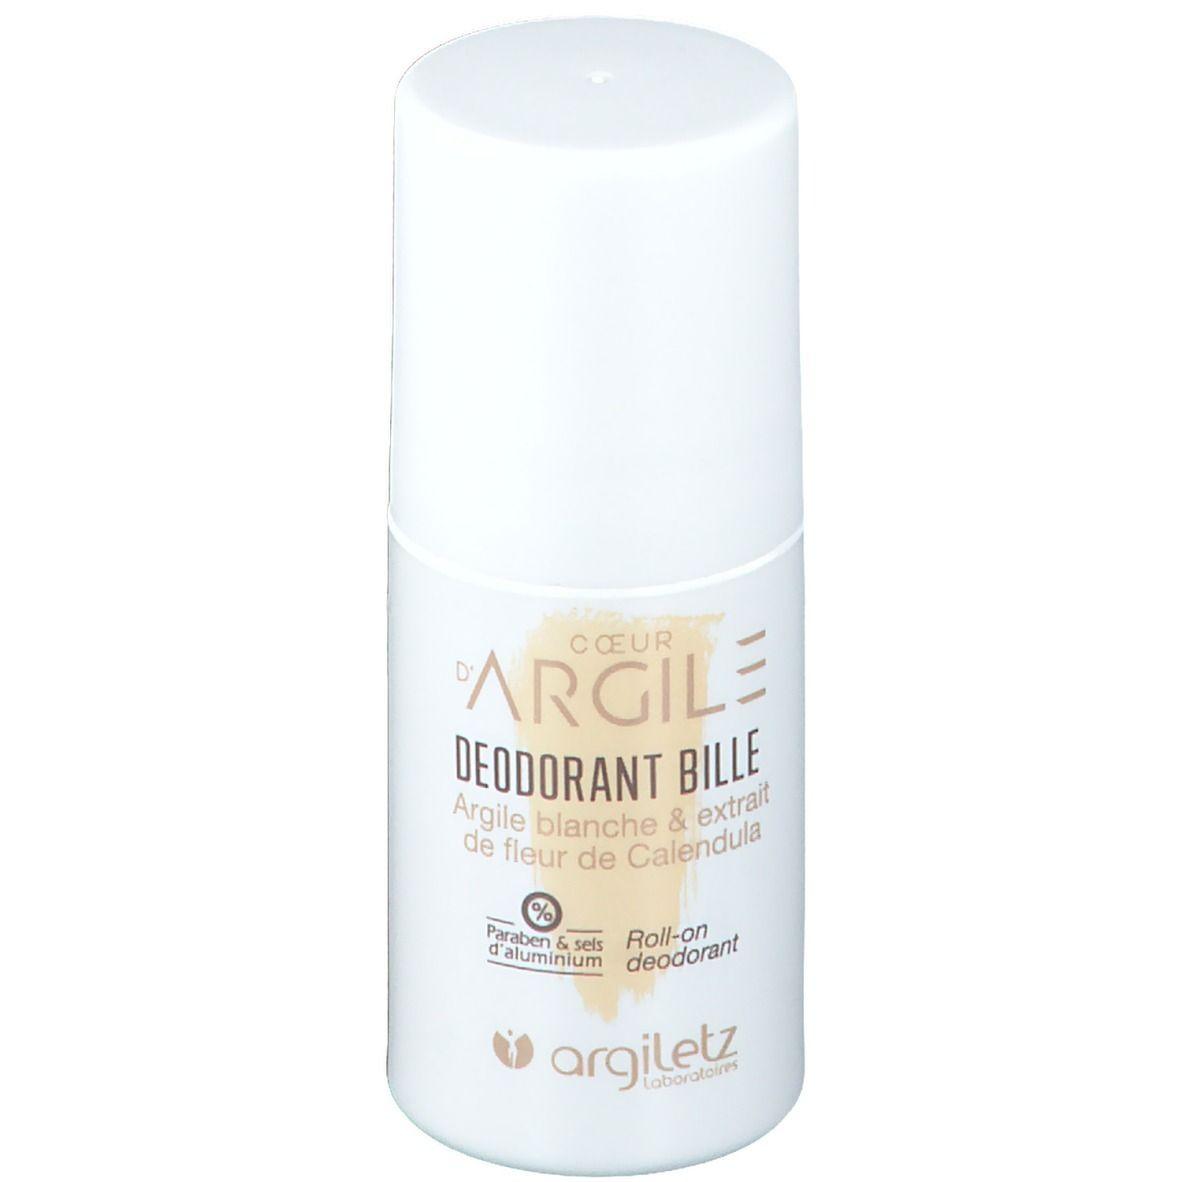 Argiletz Deodorant Bille Argile blanche 6 extrait de fleur de Calendula ml Roller